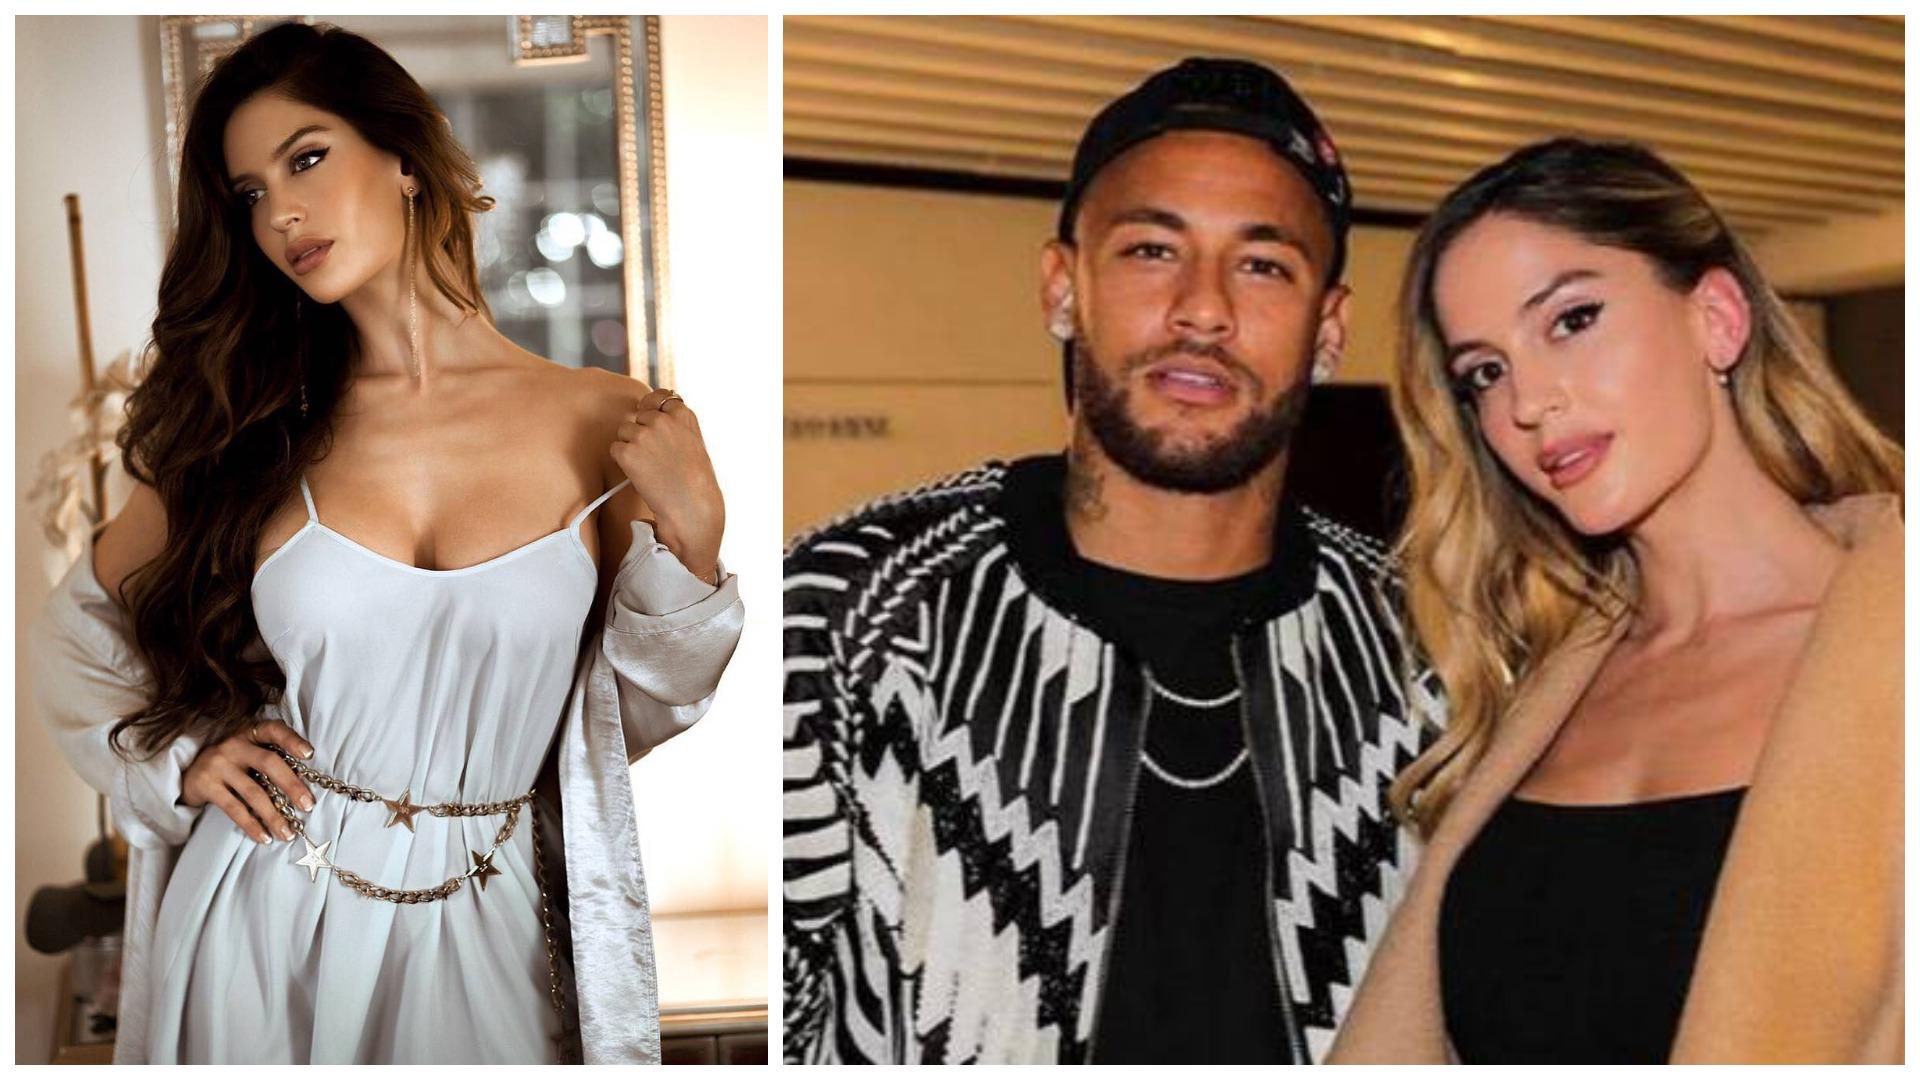 Sensuale si gjithmonë, partnerja e Neymar surprizon ndjekësit me postimin e fundit